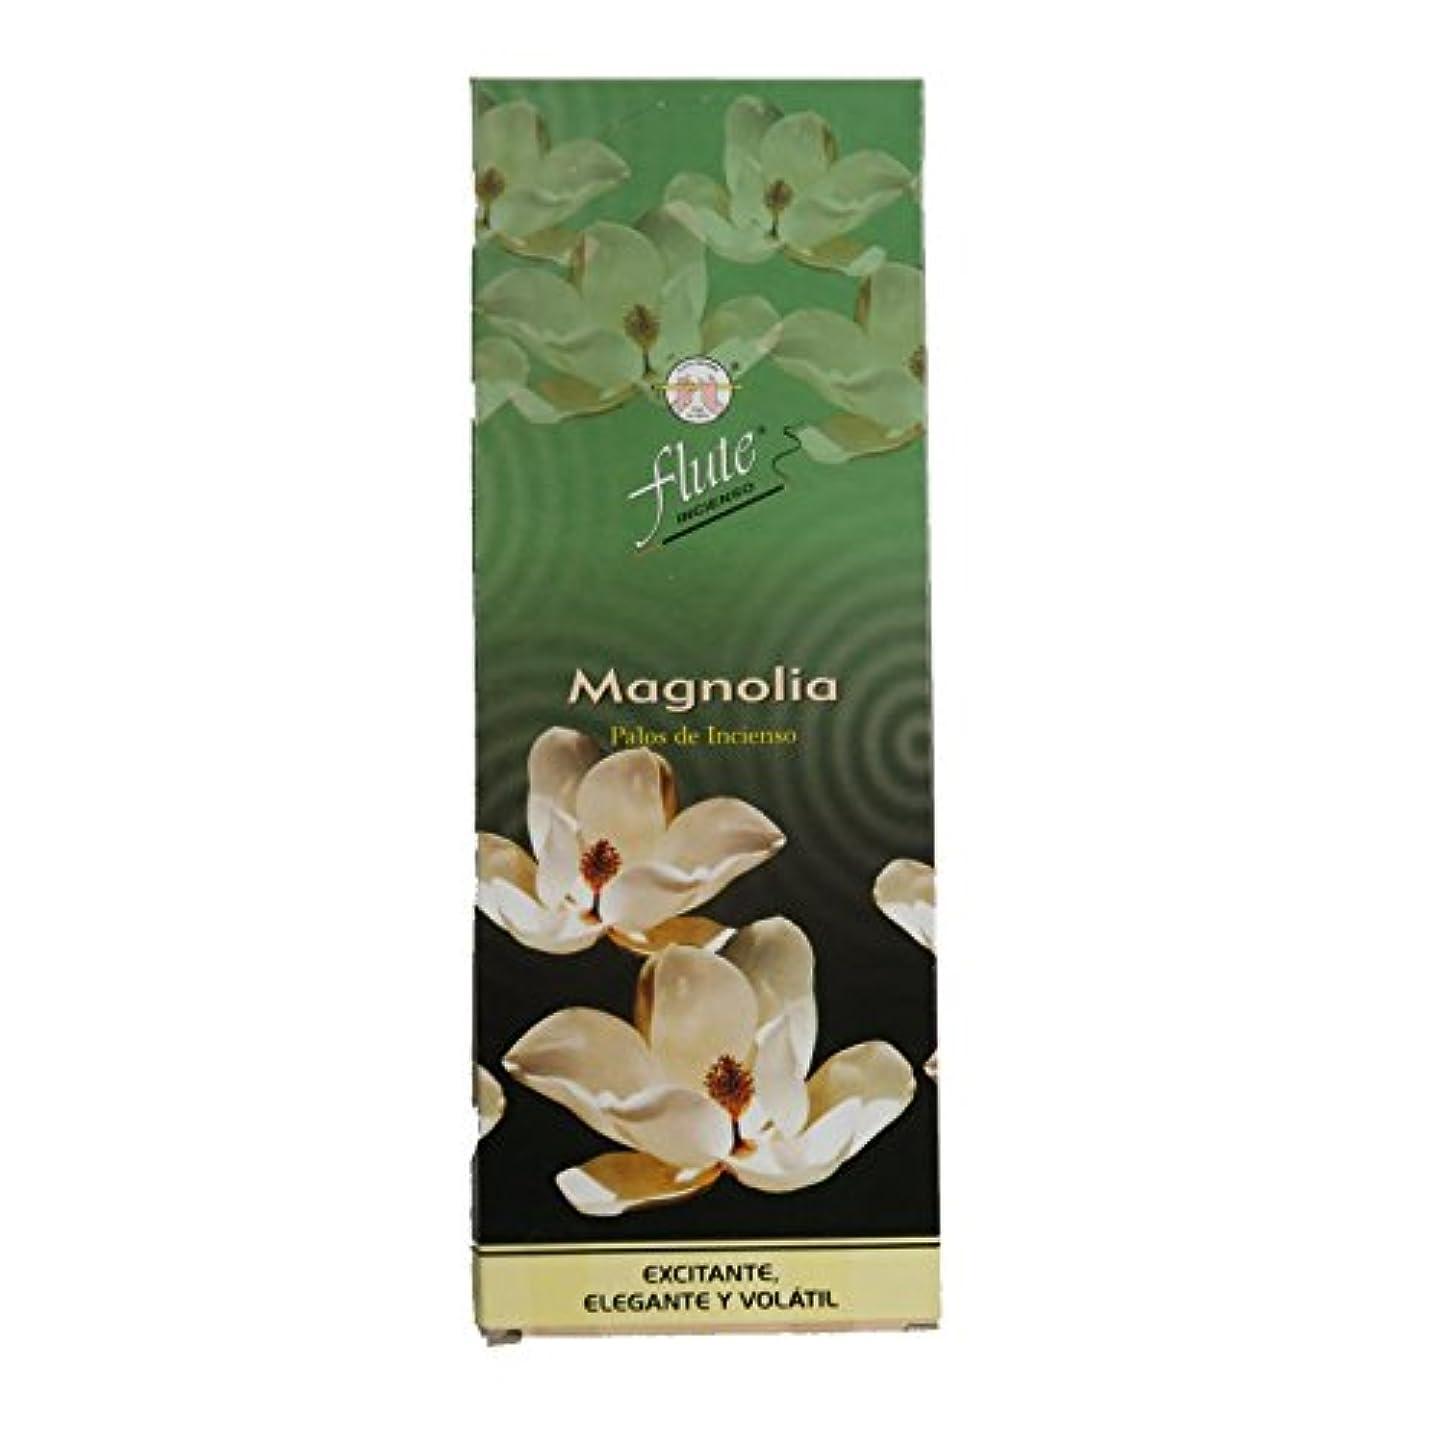 上下するコーチ評議会flute社 スティック型インドお香 Magnolia 6箱セット